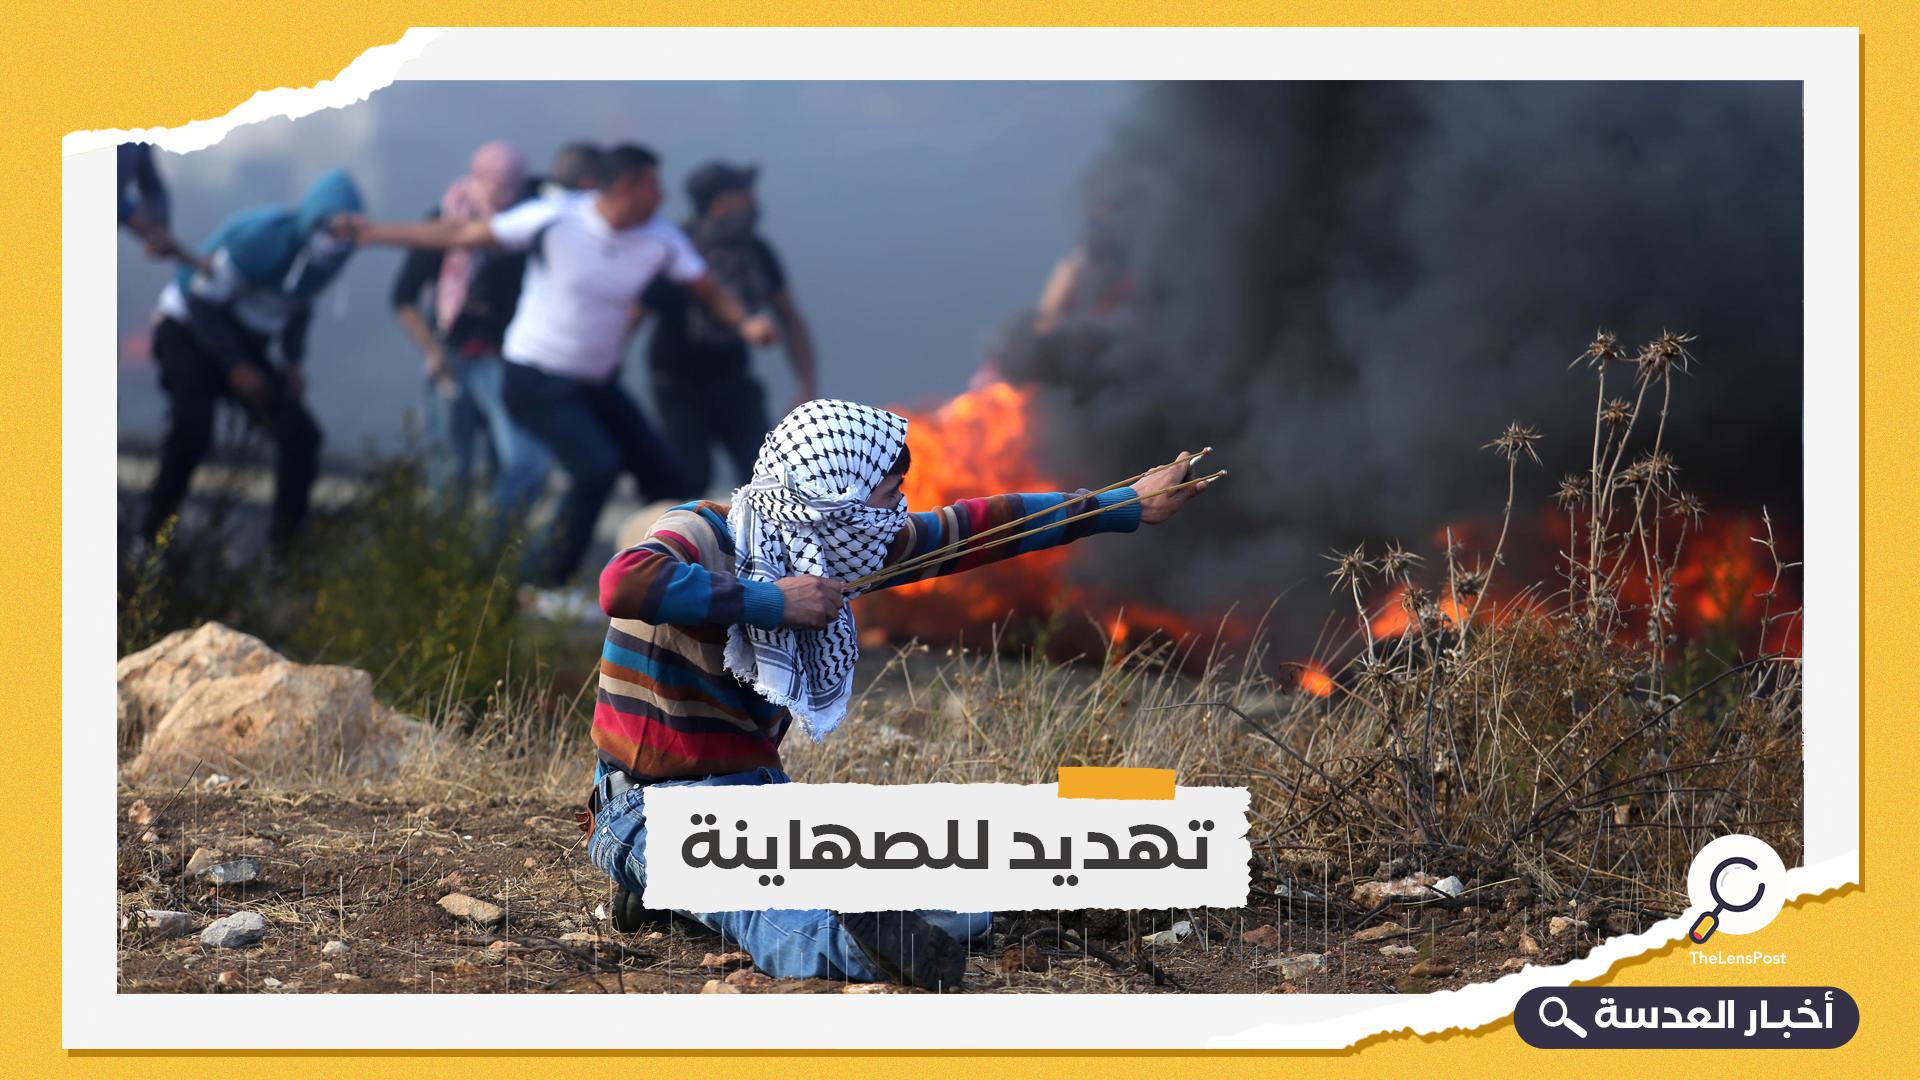 حماس تحذر.. جاهزون للرد على أي عدوان صهيوني